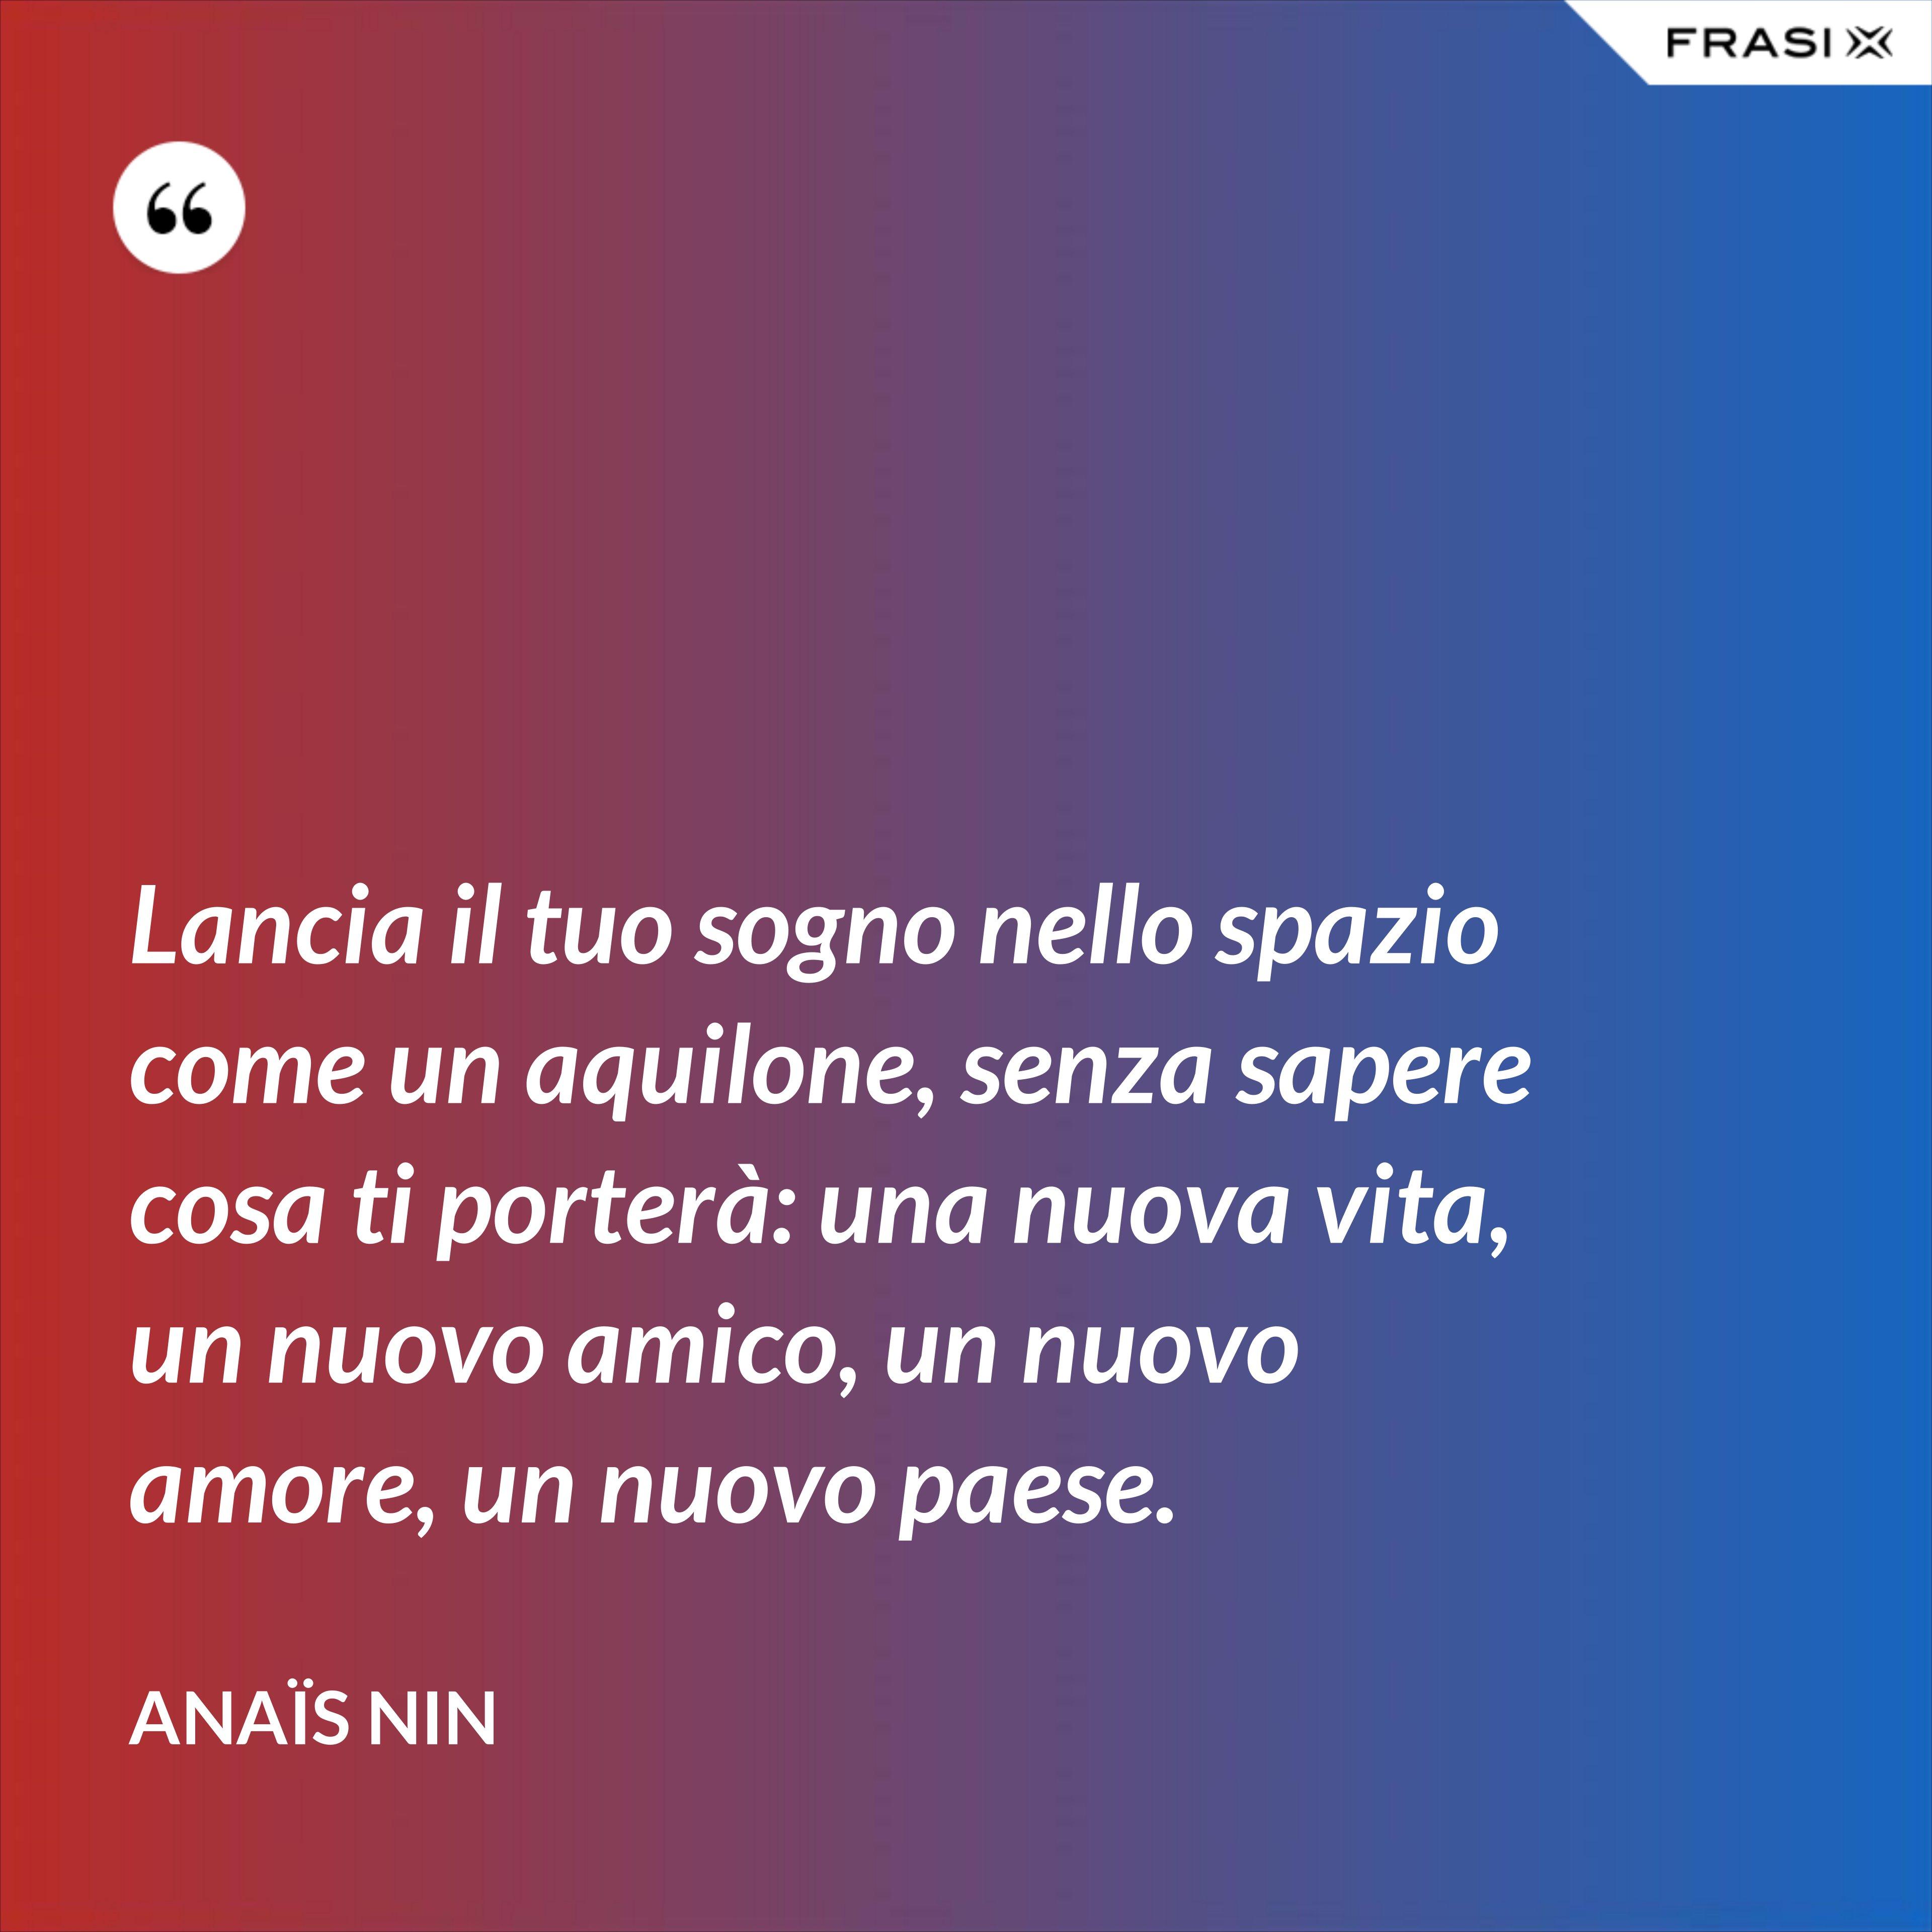 Lancia il tuo sogno nello spazio come un aquilone, senza sapere cosa ti porterà: una nuova vita, un nuovo amico, un nuovo amore, un nuovo paese. - Anaïs Nin